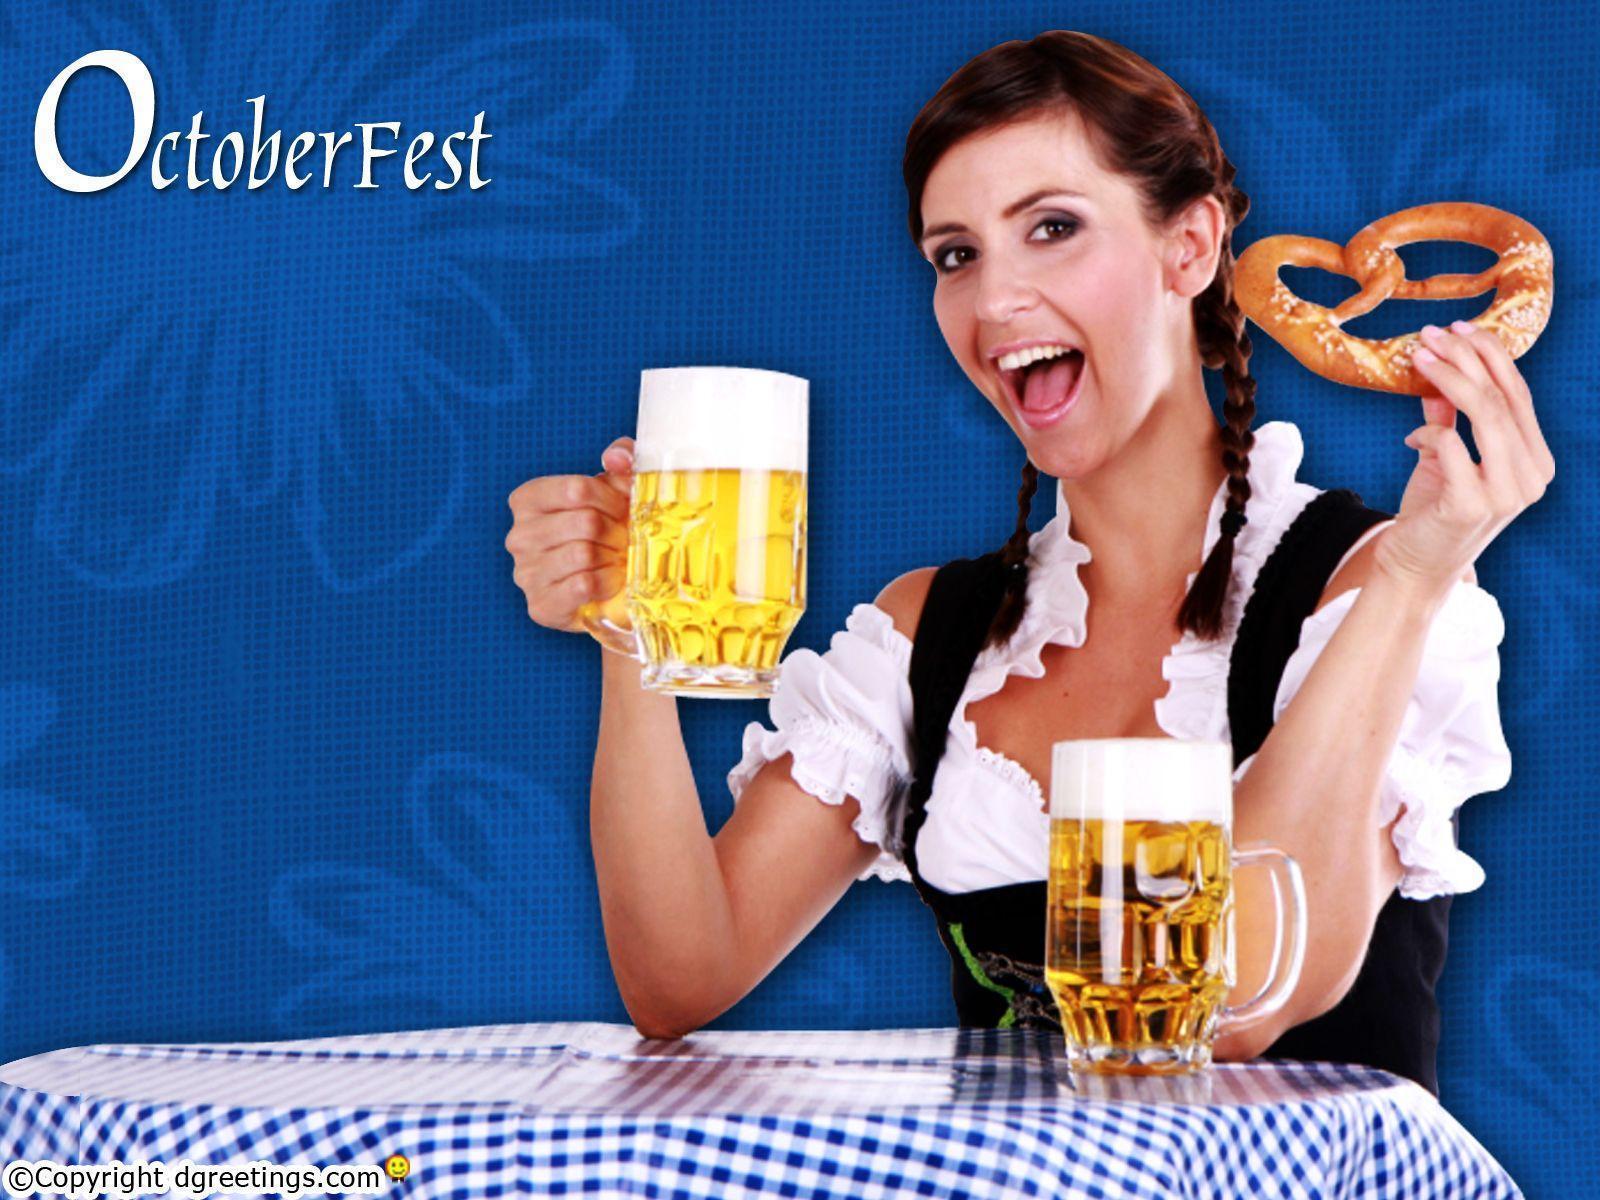 Oktoberfest Wallpapers 1600x1200